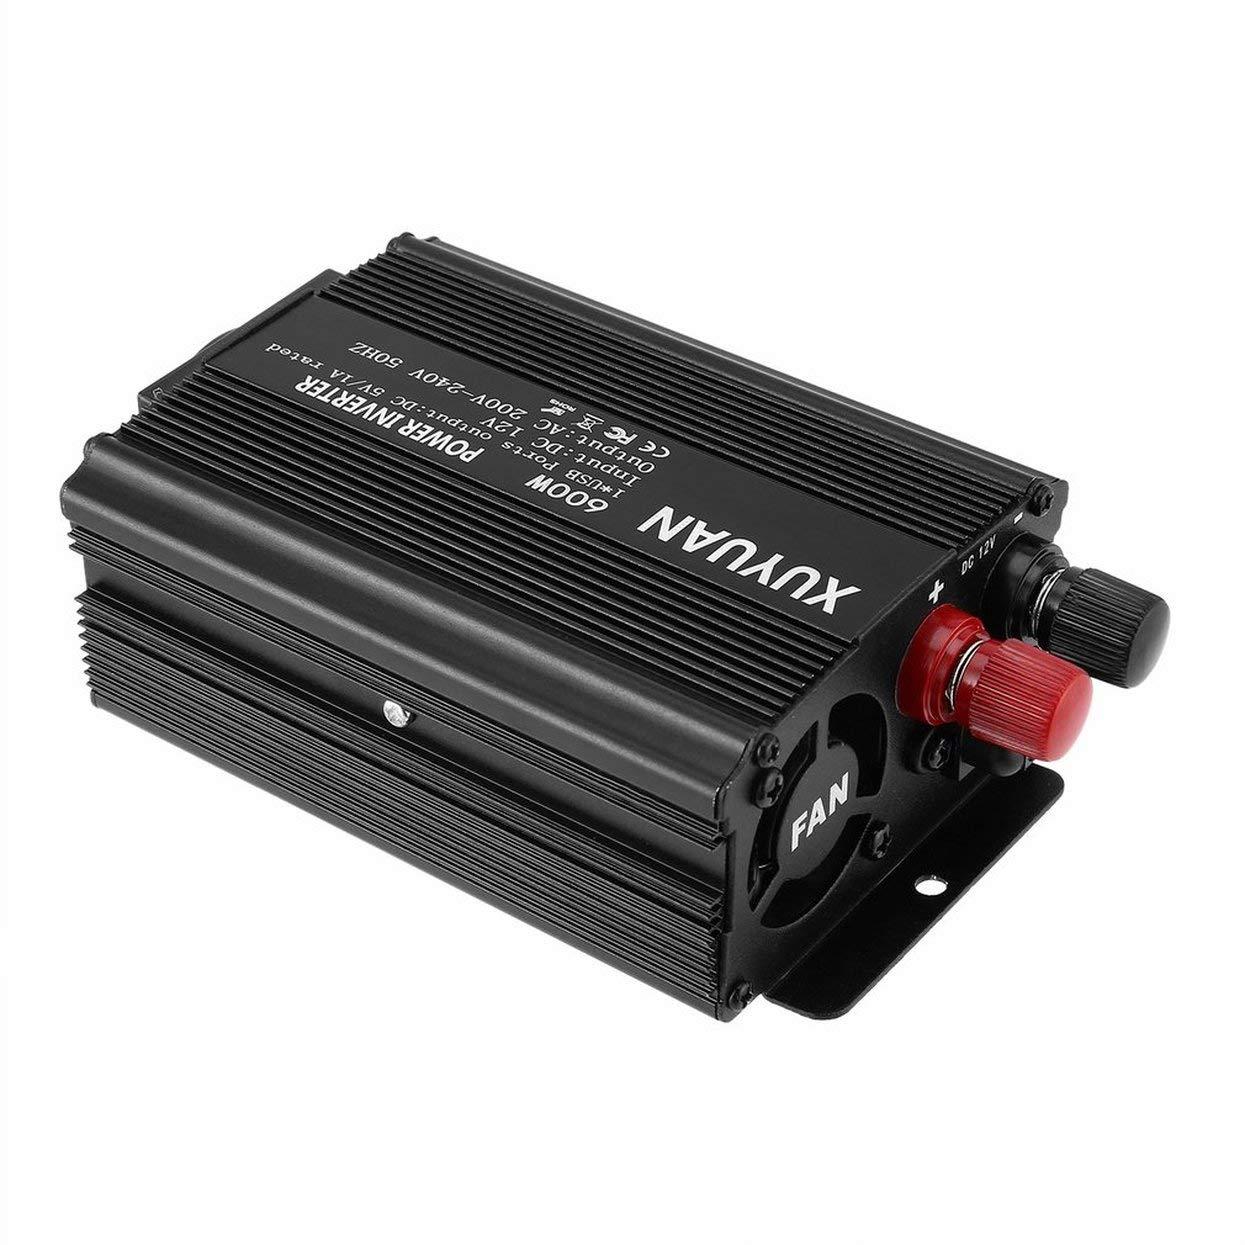 Inversor de Corriente USB Profesional 600W DC 12V a CA 220V con indicador LED Convertidor de autom/óvil para electrodom/ésticos